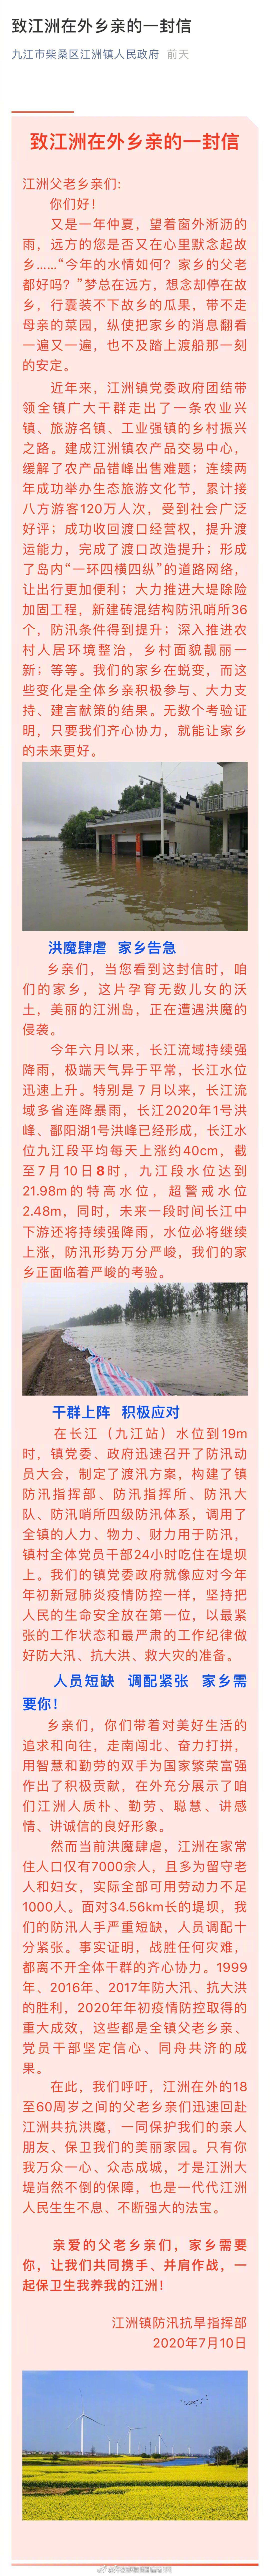 家乡,我们来了!江西九江江洲已有两千余青壮年回乡抗洪